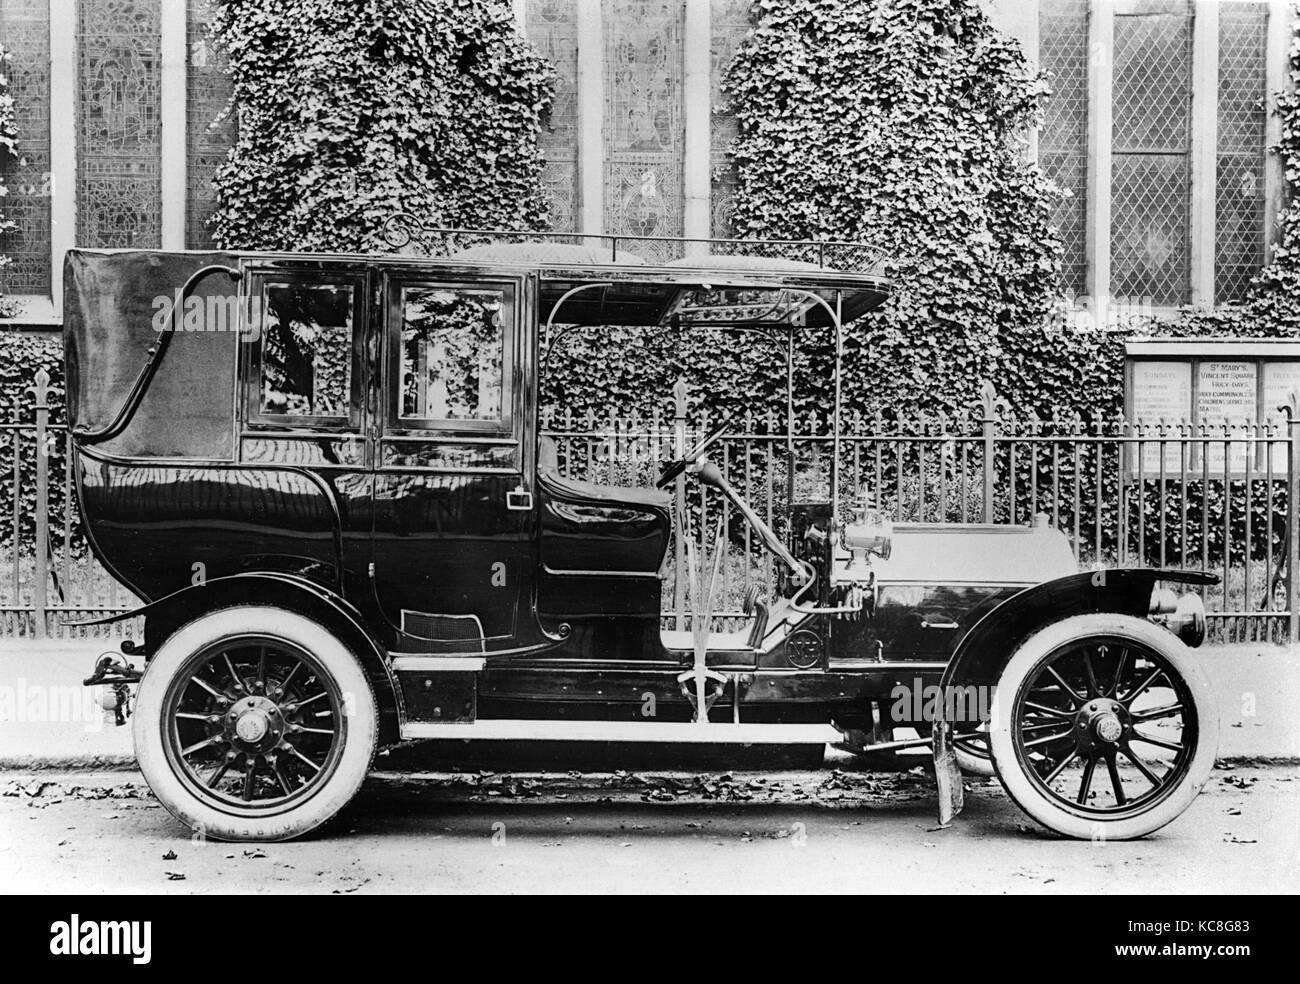 1908 Nagant - Hobson 20-30 hp - Stock Image